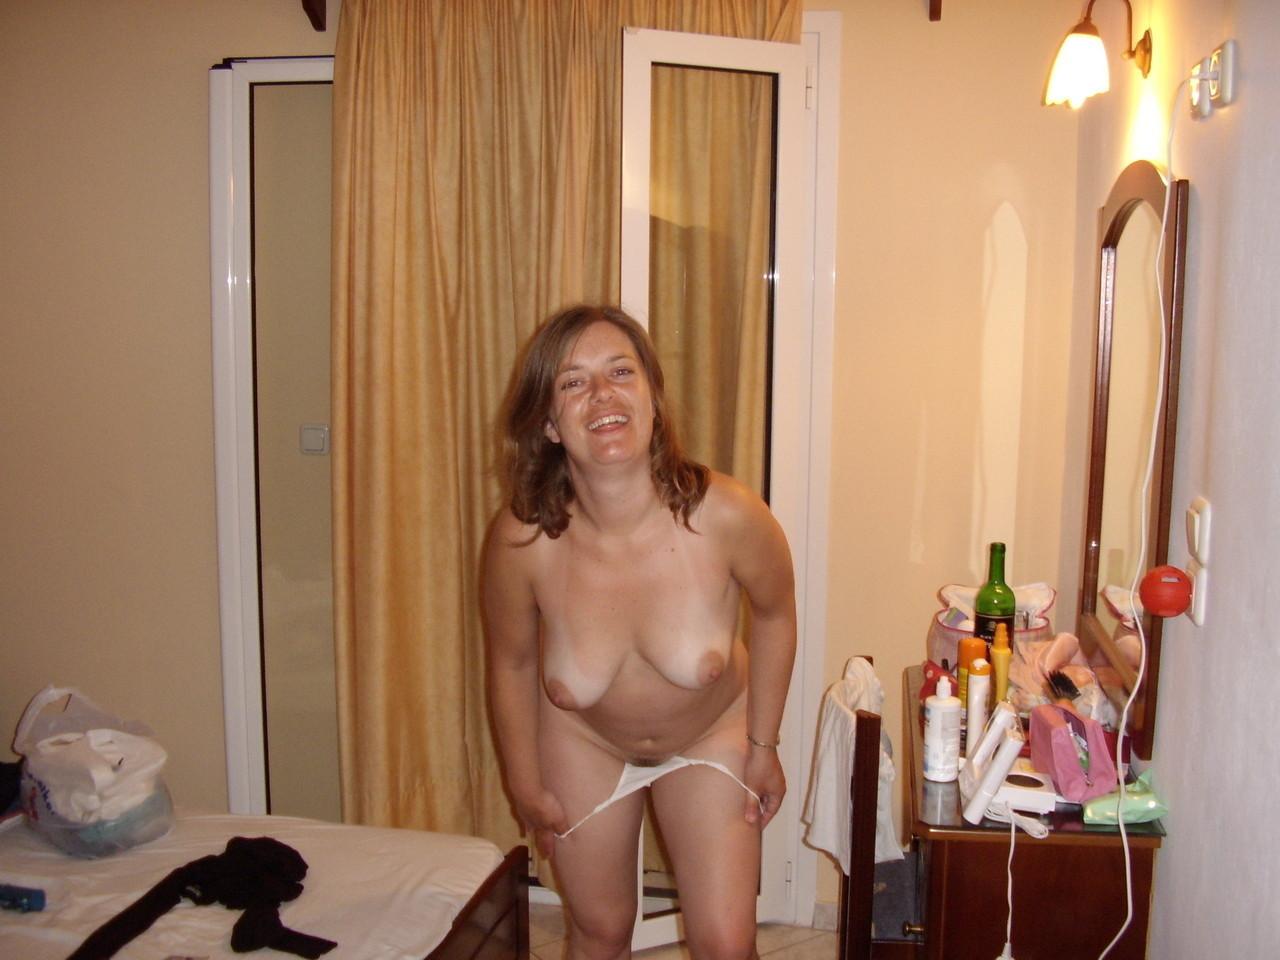 tumblr nude normal